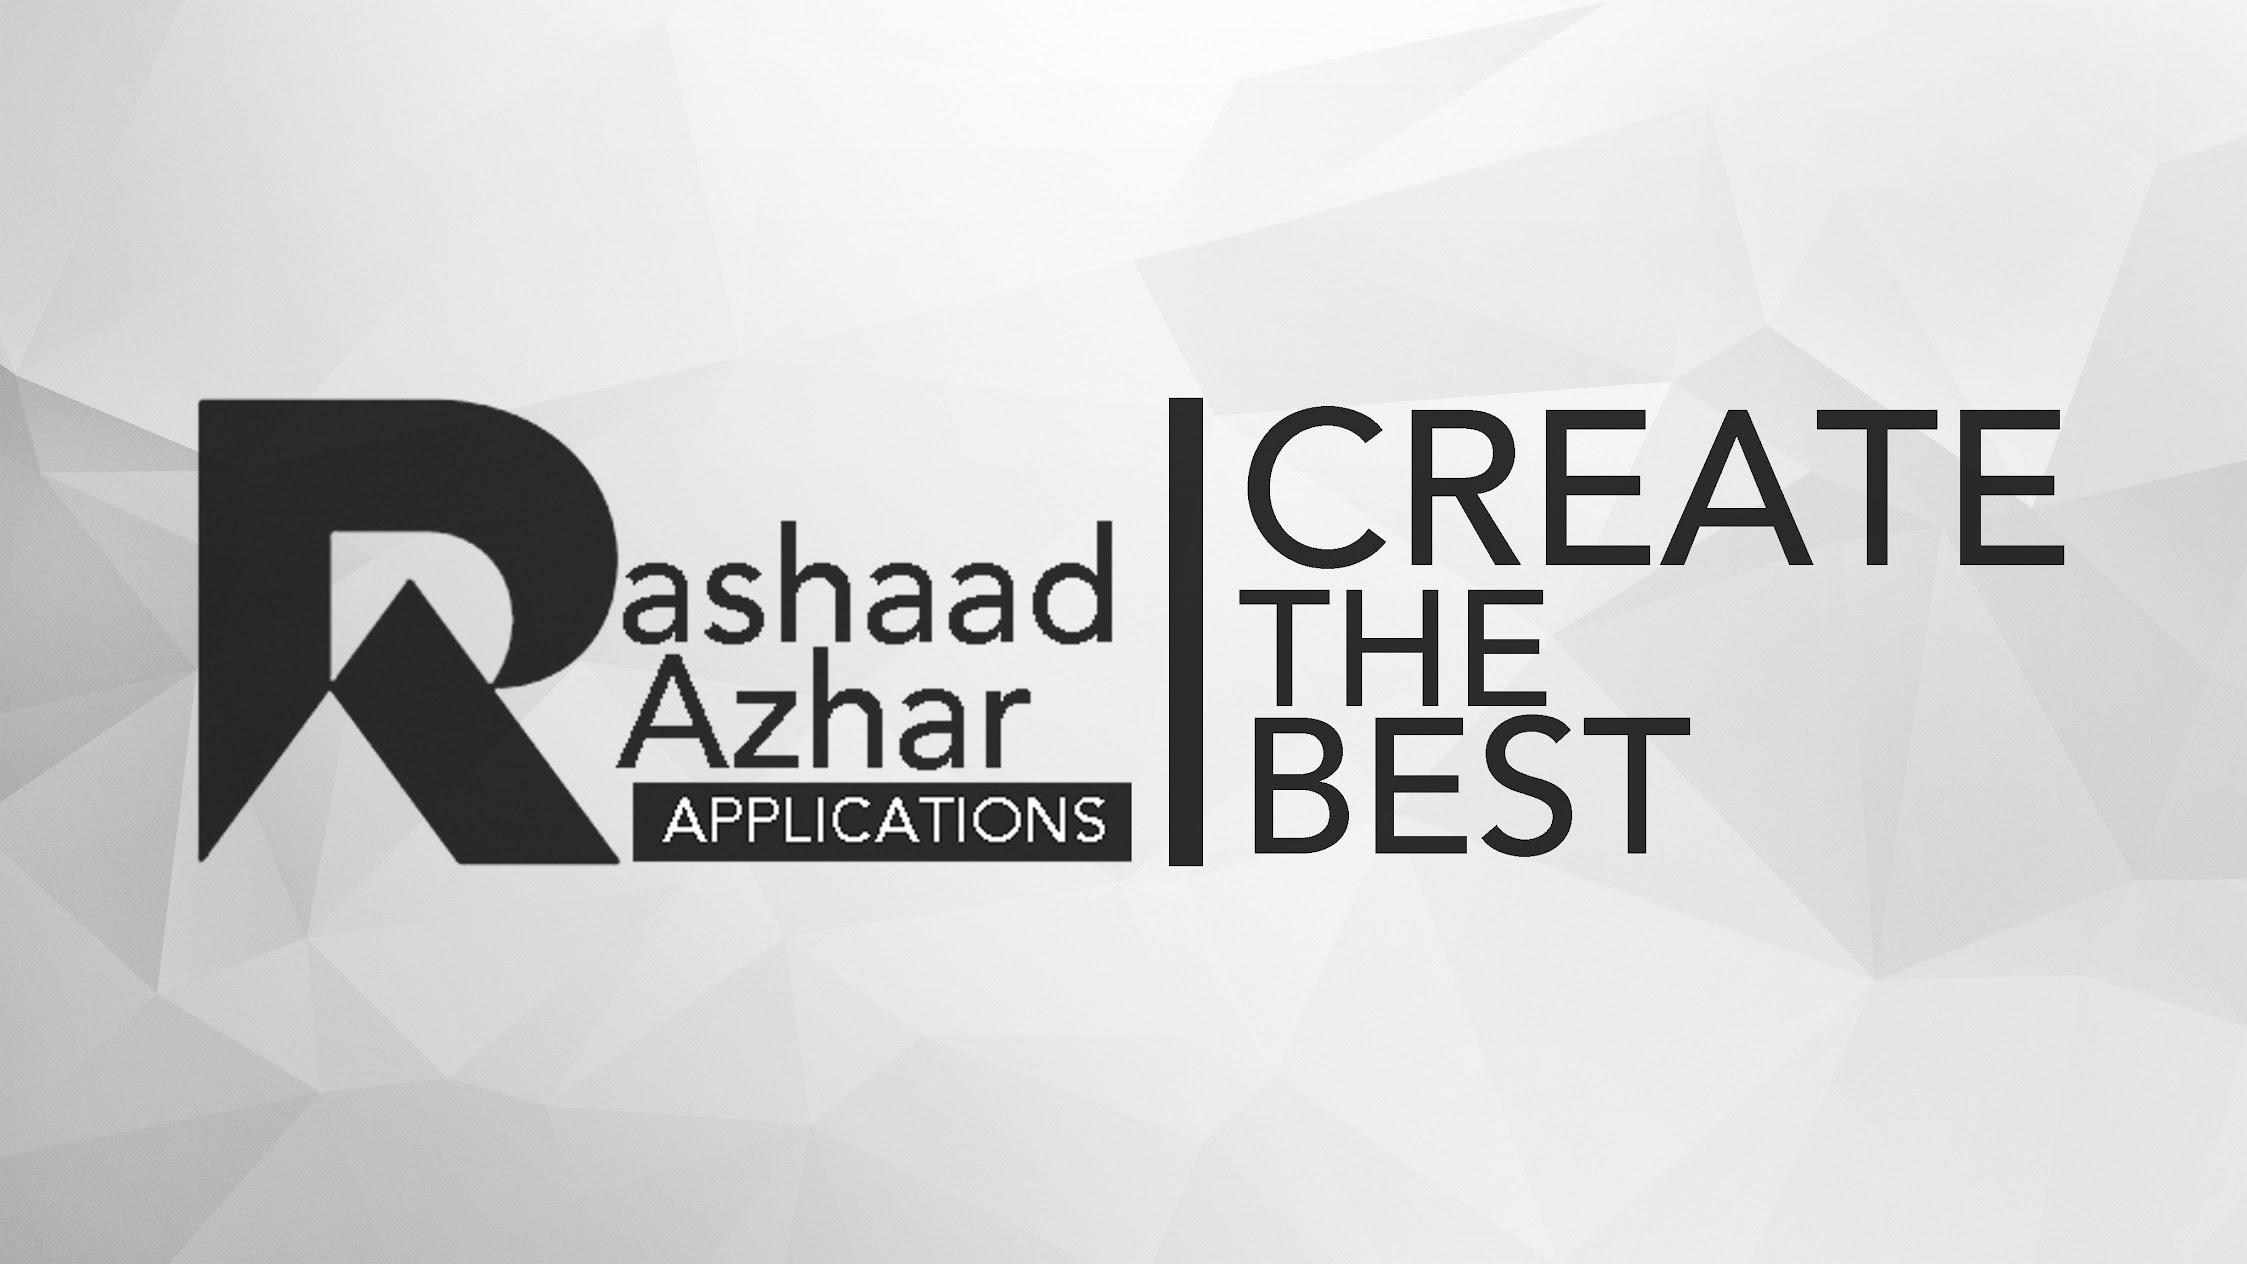 Rashaad Azhar